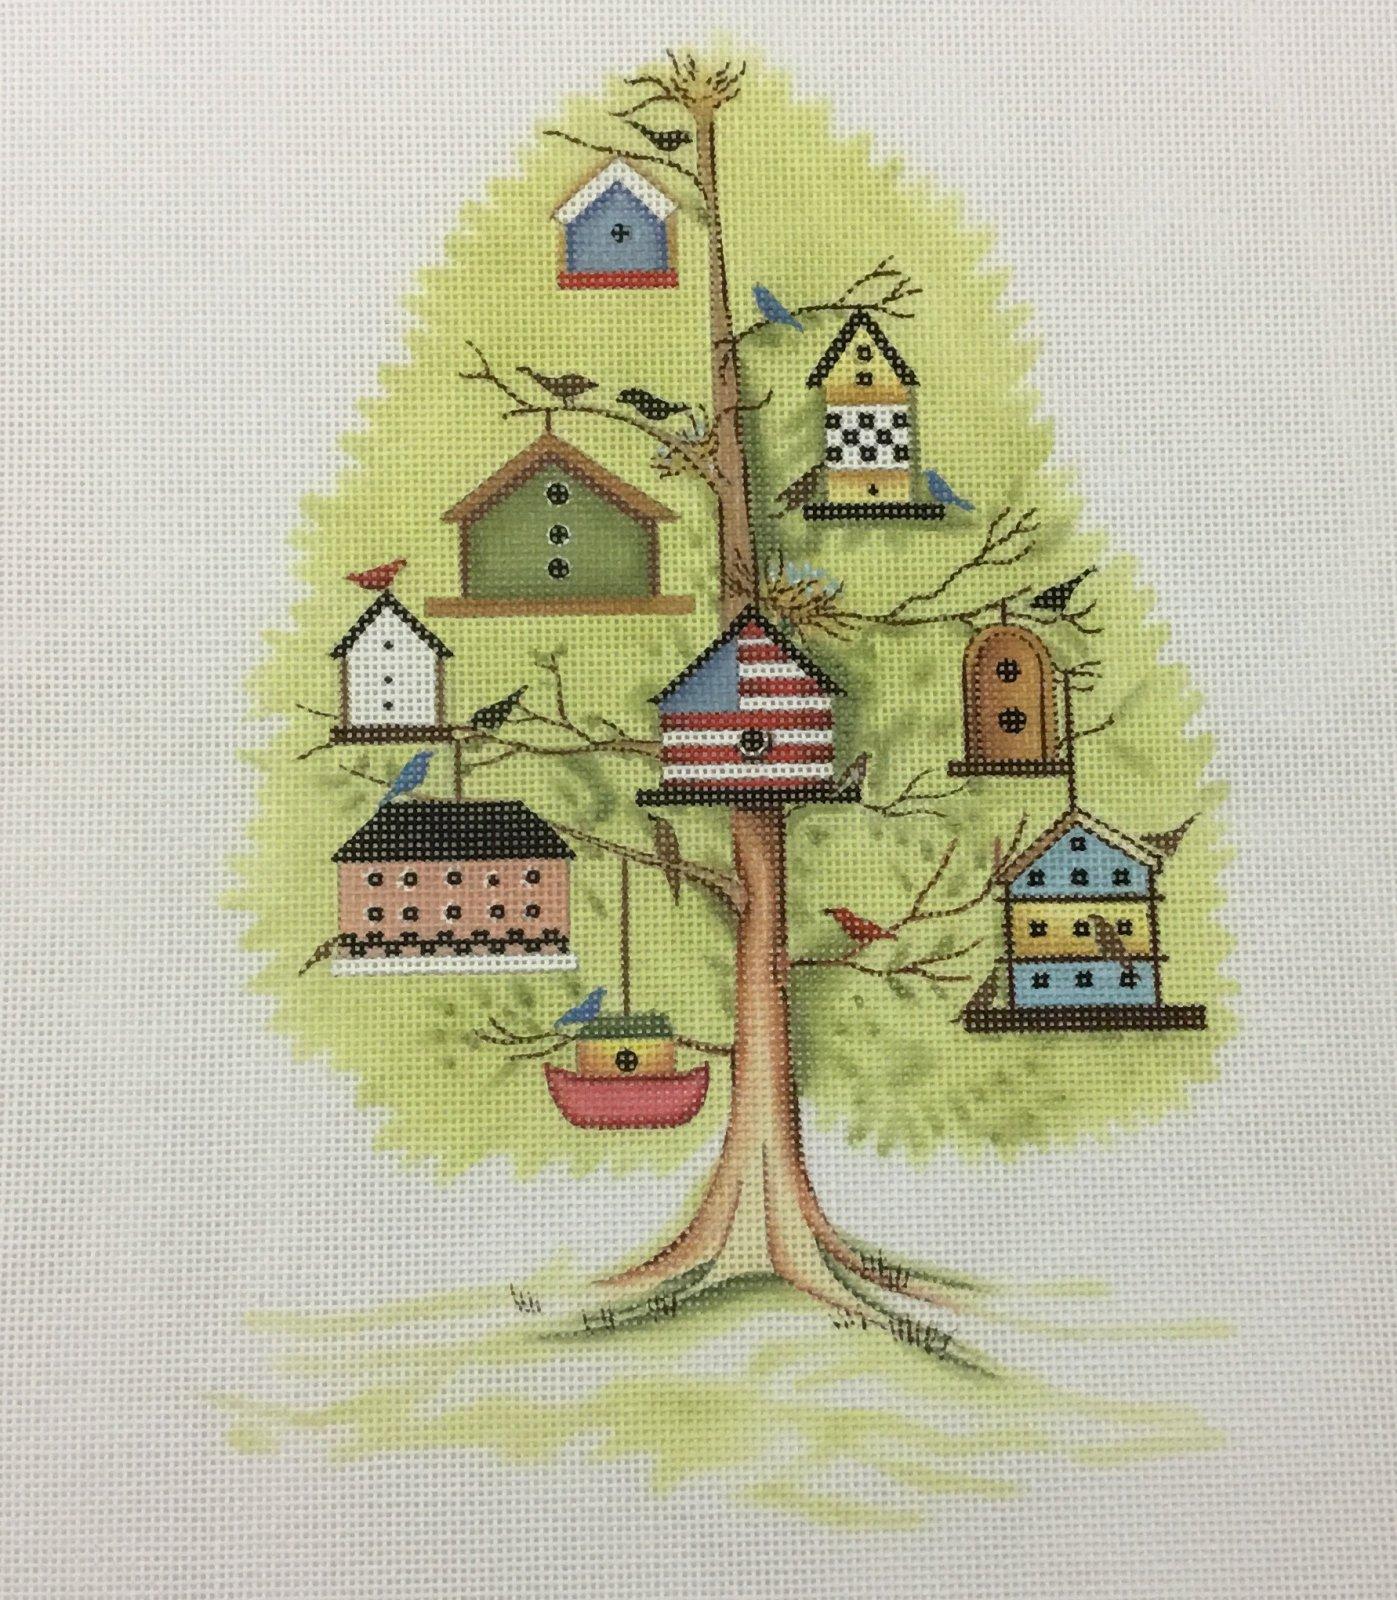 Tree w Bird Houses, 18M, 7x9.5